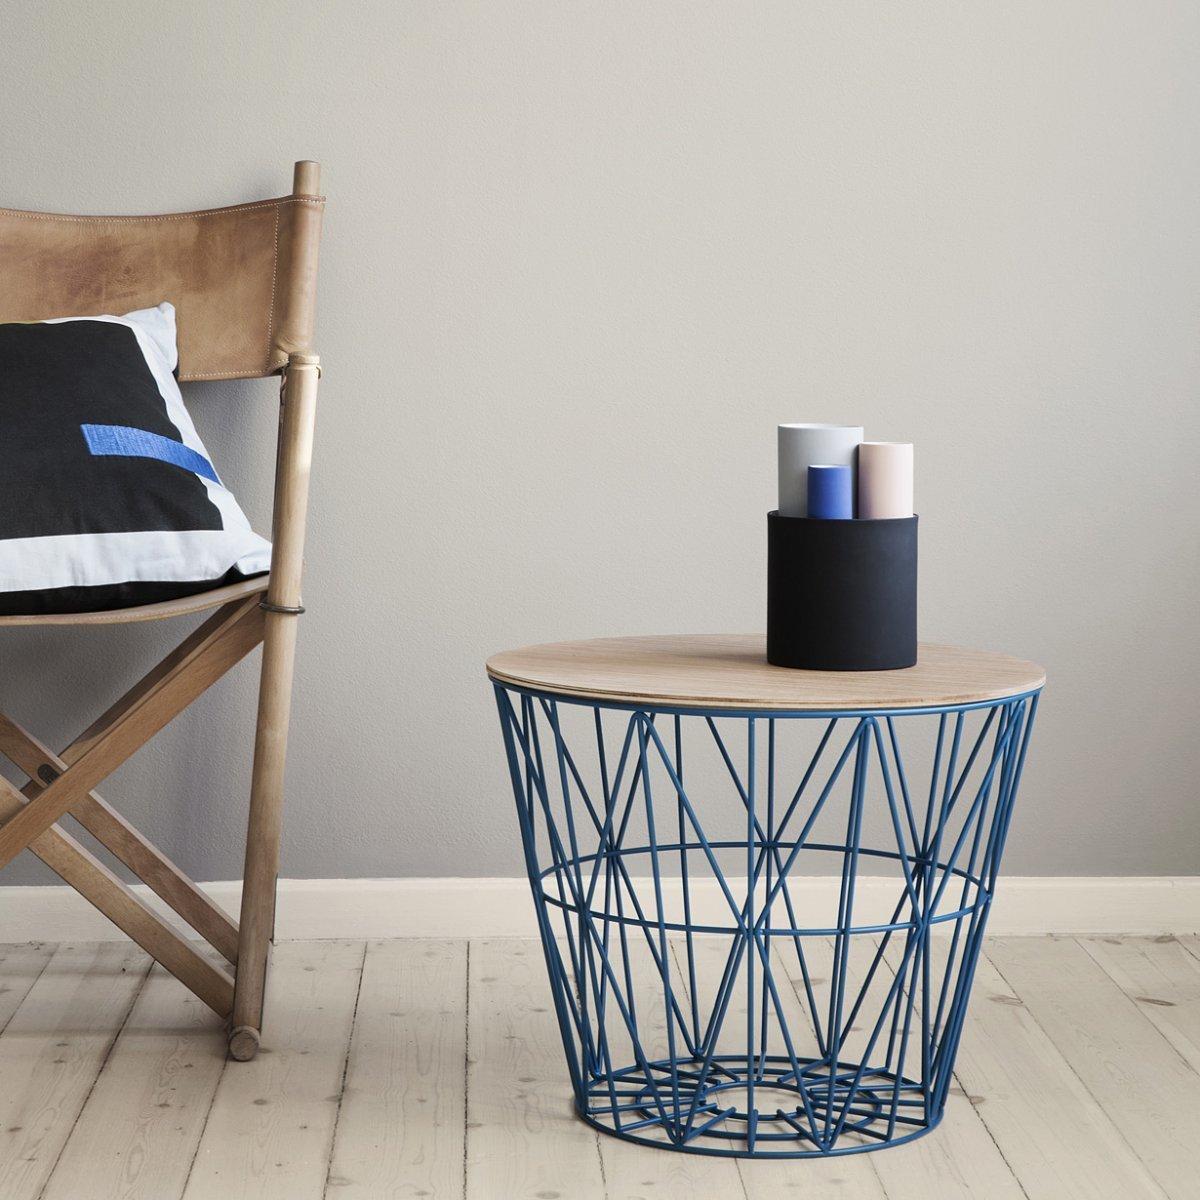 muebles de diseño y accesorios nórdicos en lovethesign - blog ... - Muebles Diseno Nordico